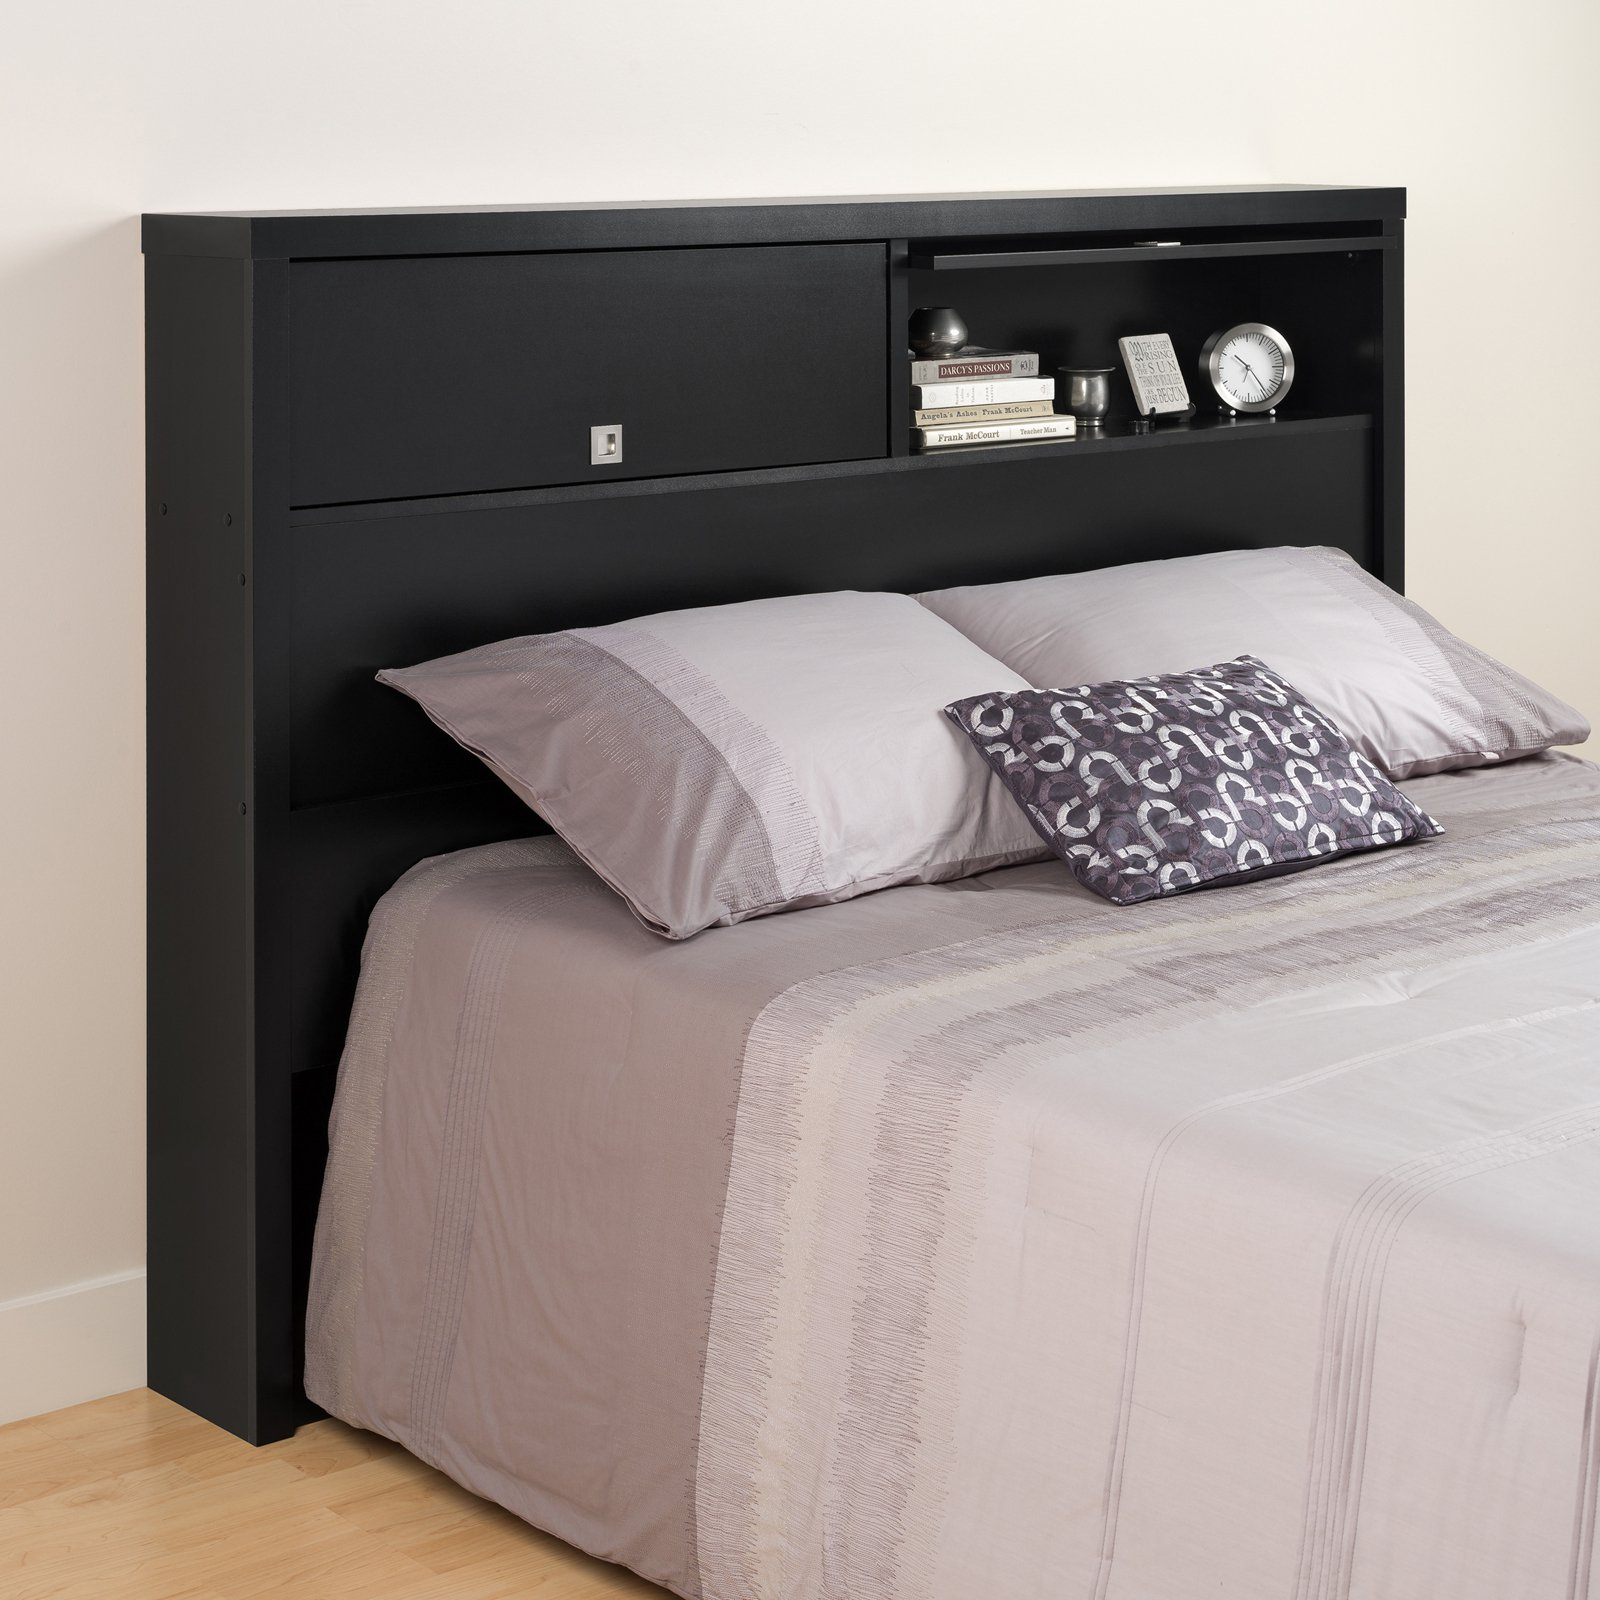 Black Series 9 Designer Full/Queen Headboard, 2-Door